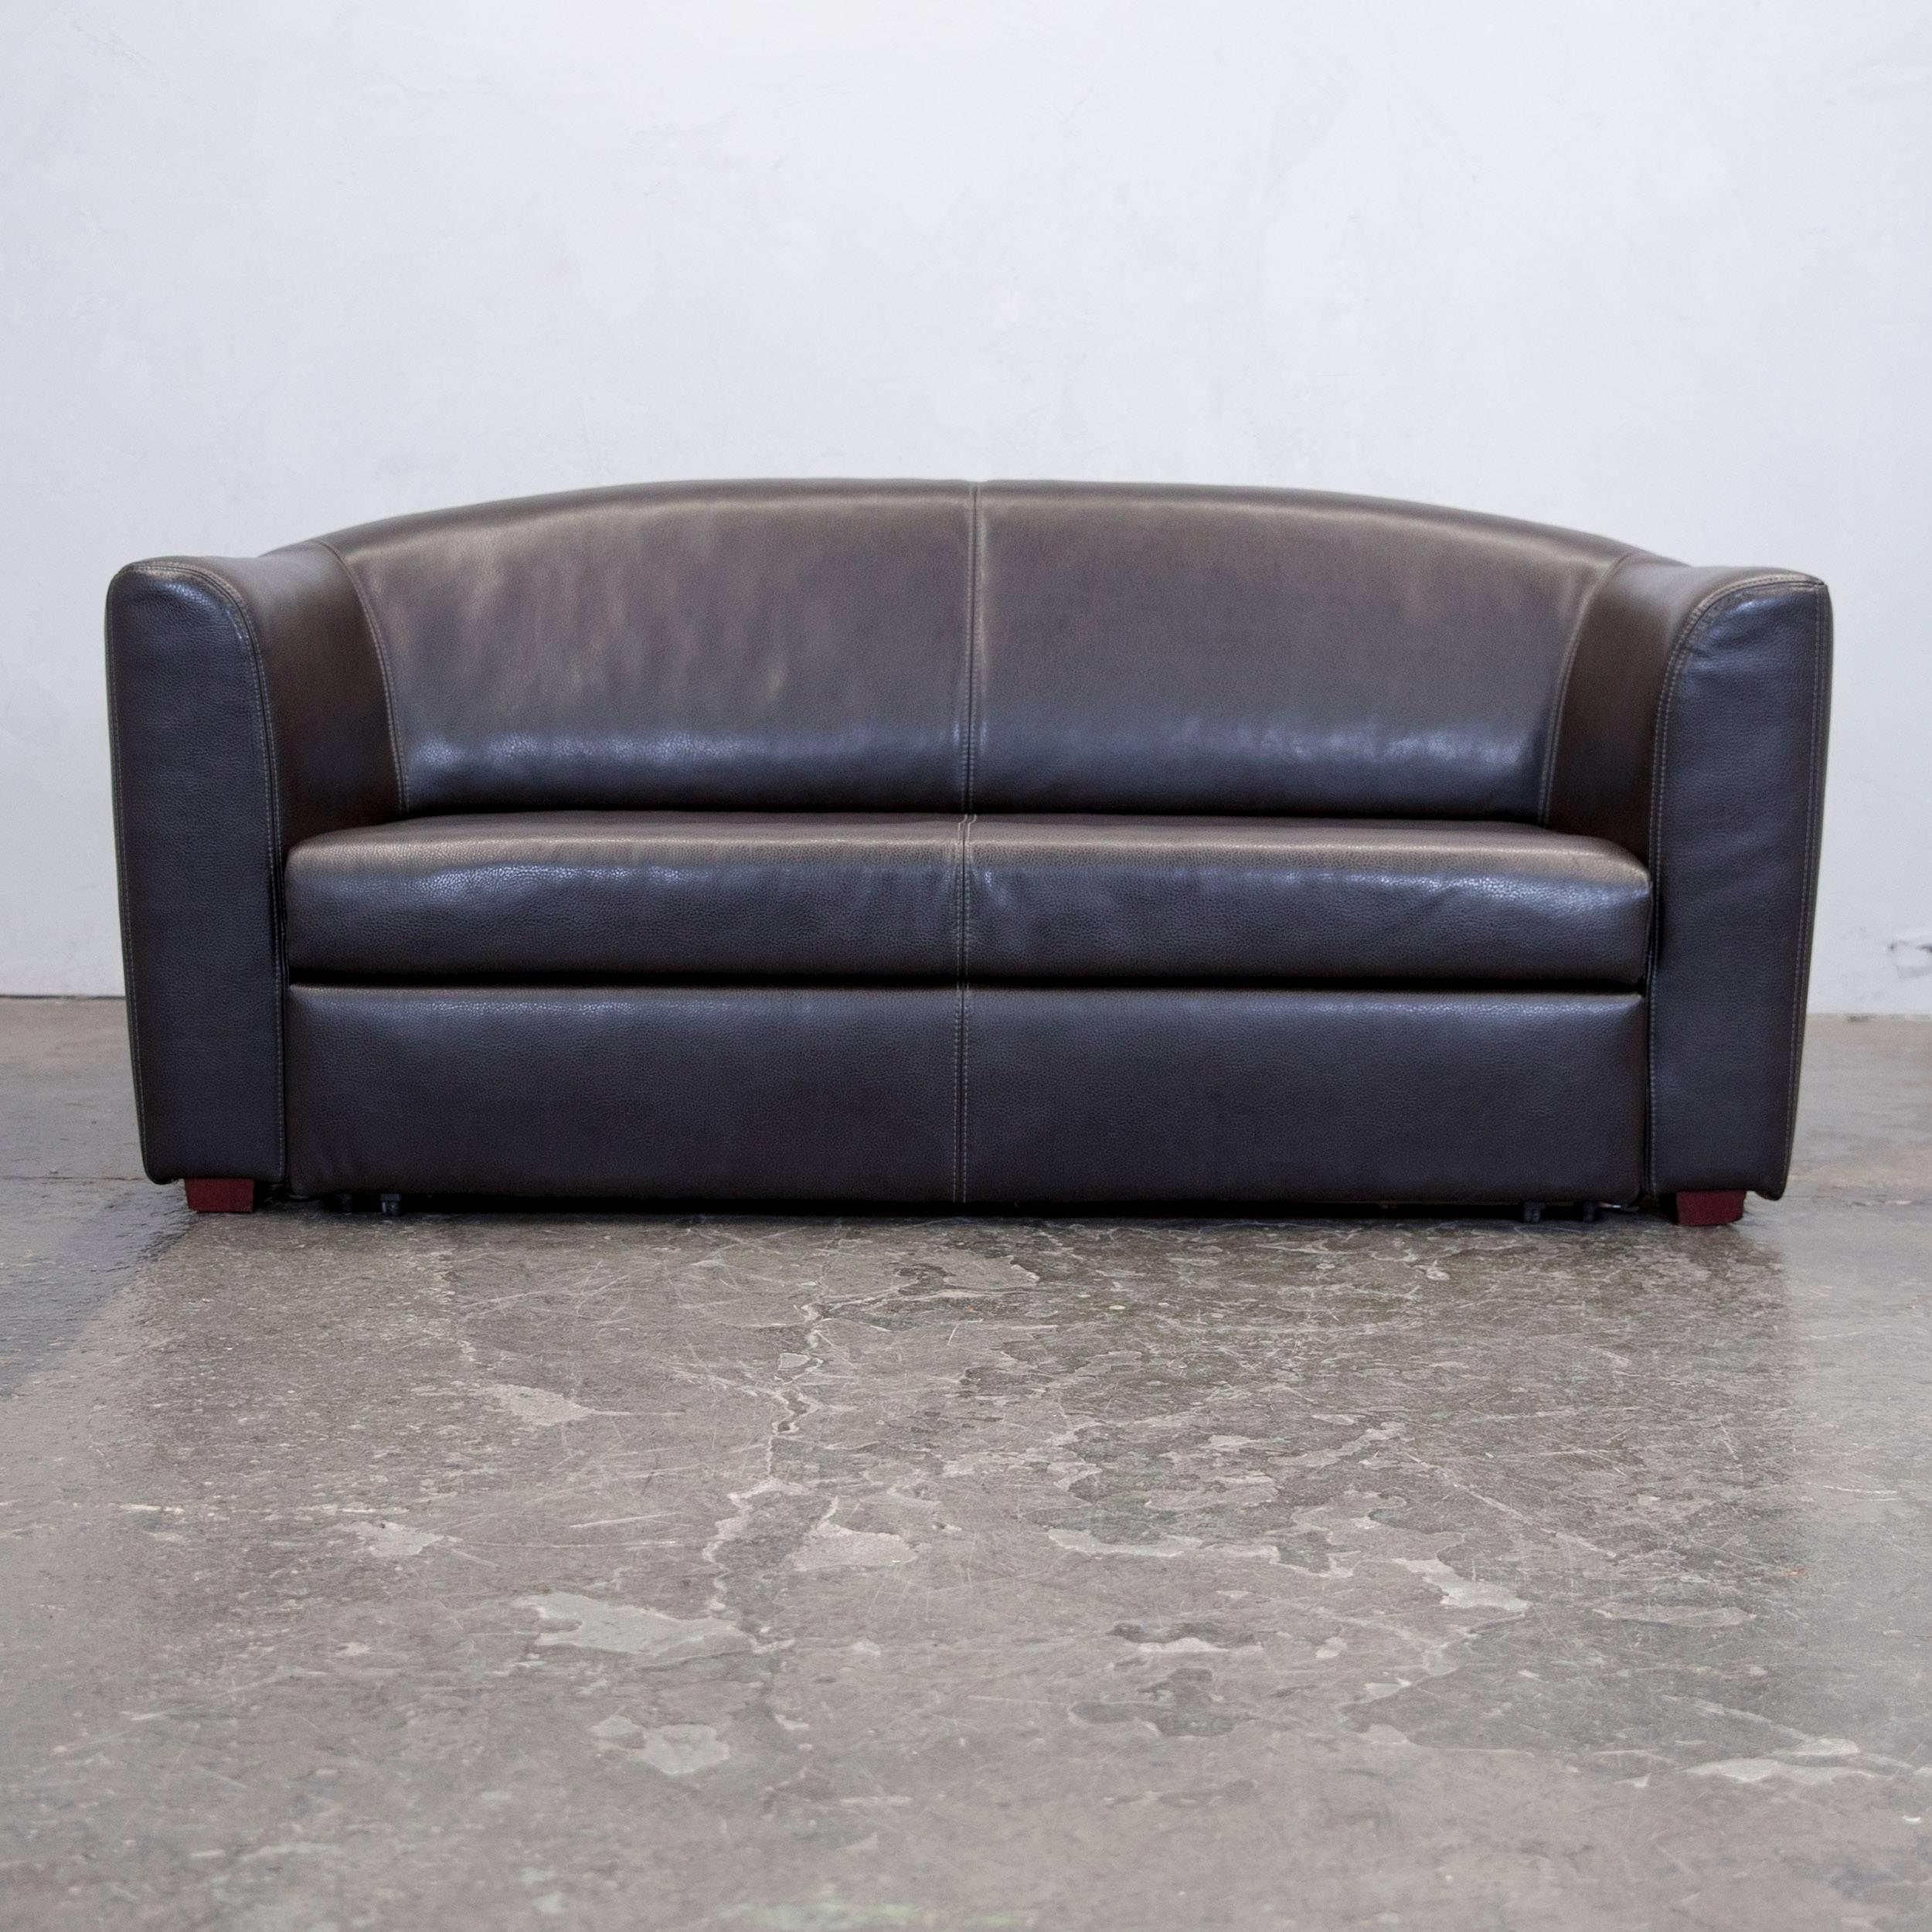 Brilliant Sofa Mit Funktion Sammlung Von Designer Couch Leder European Er Leather Set.